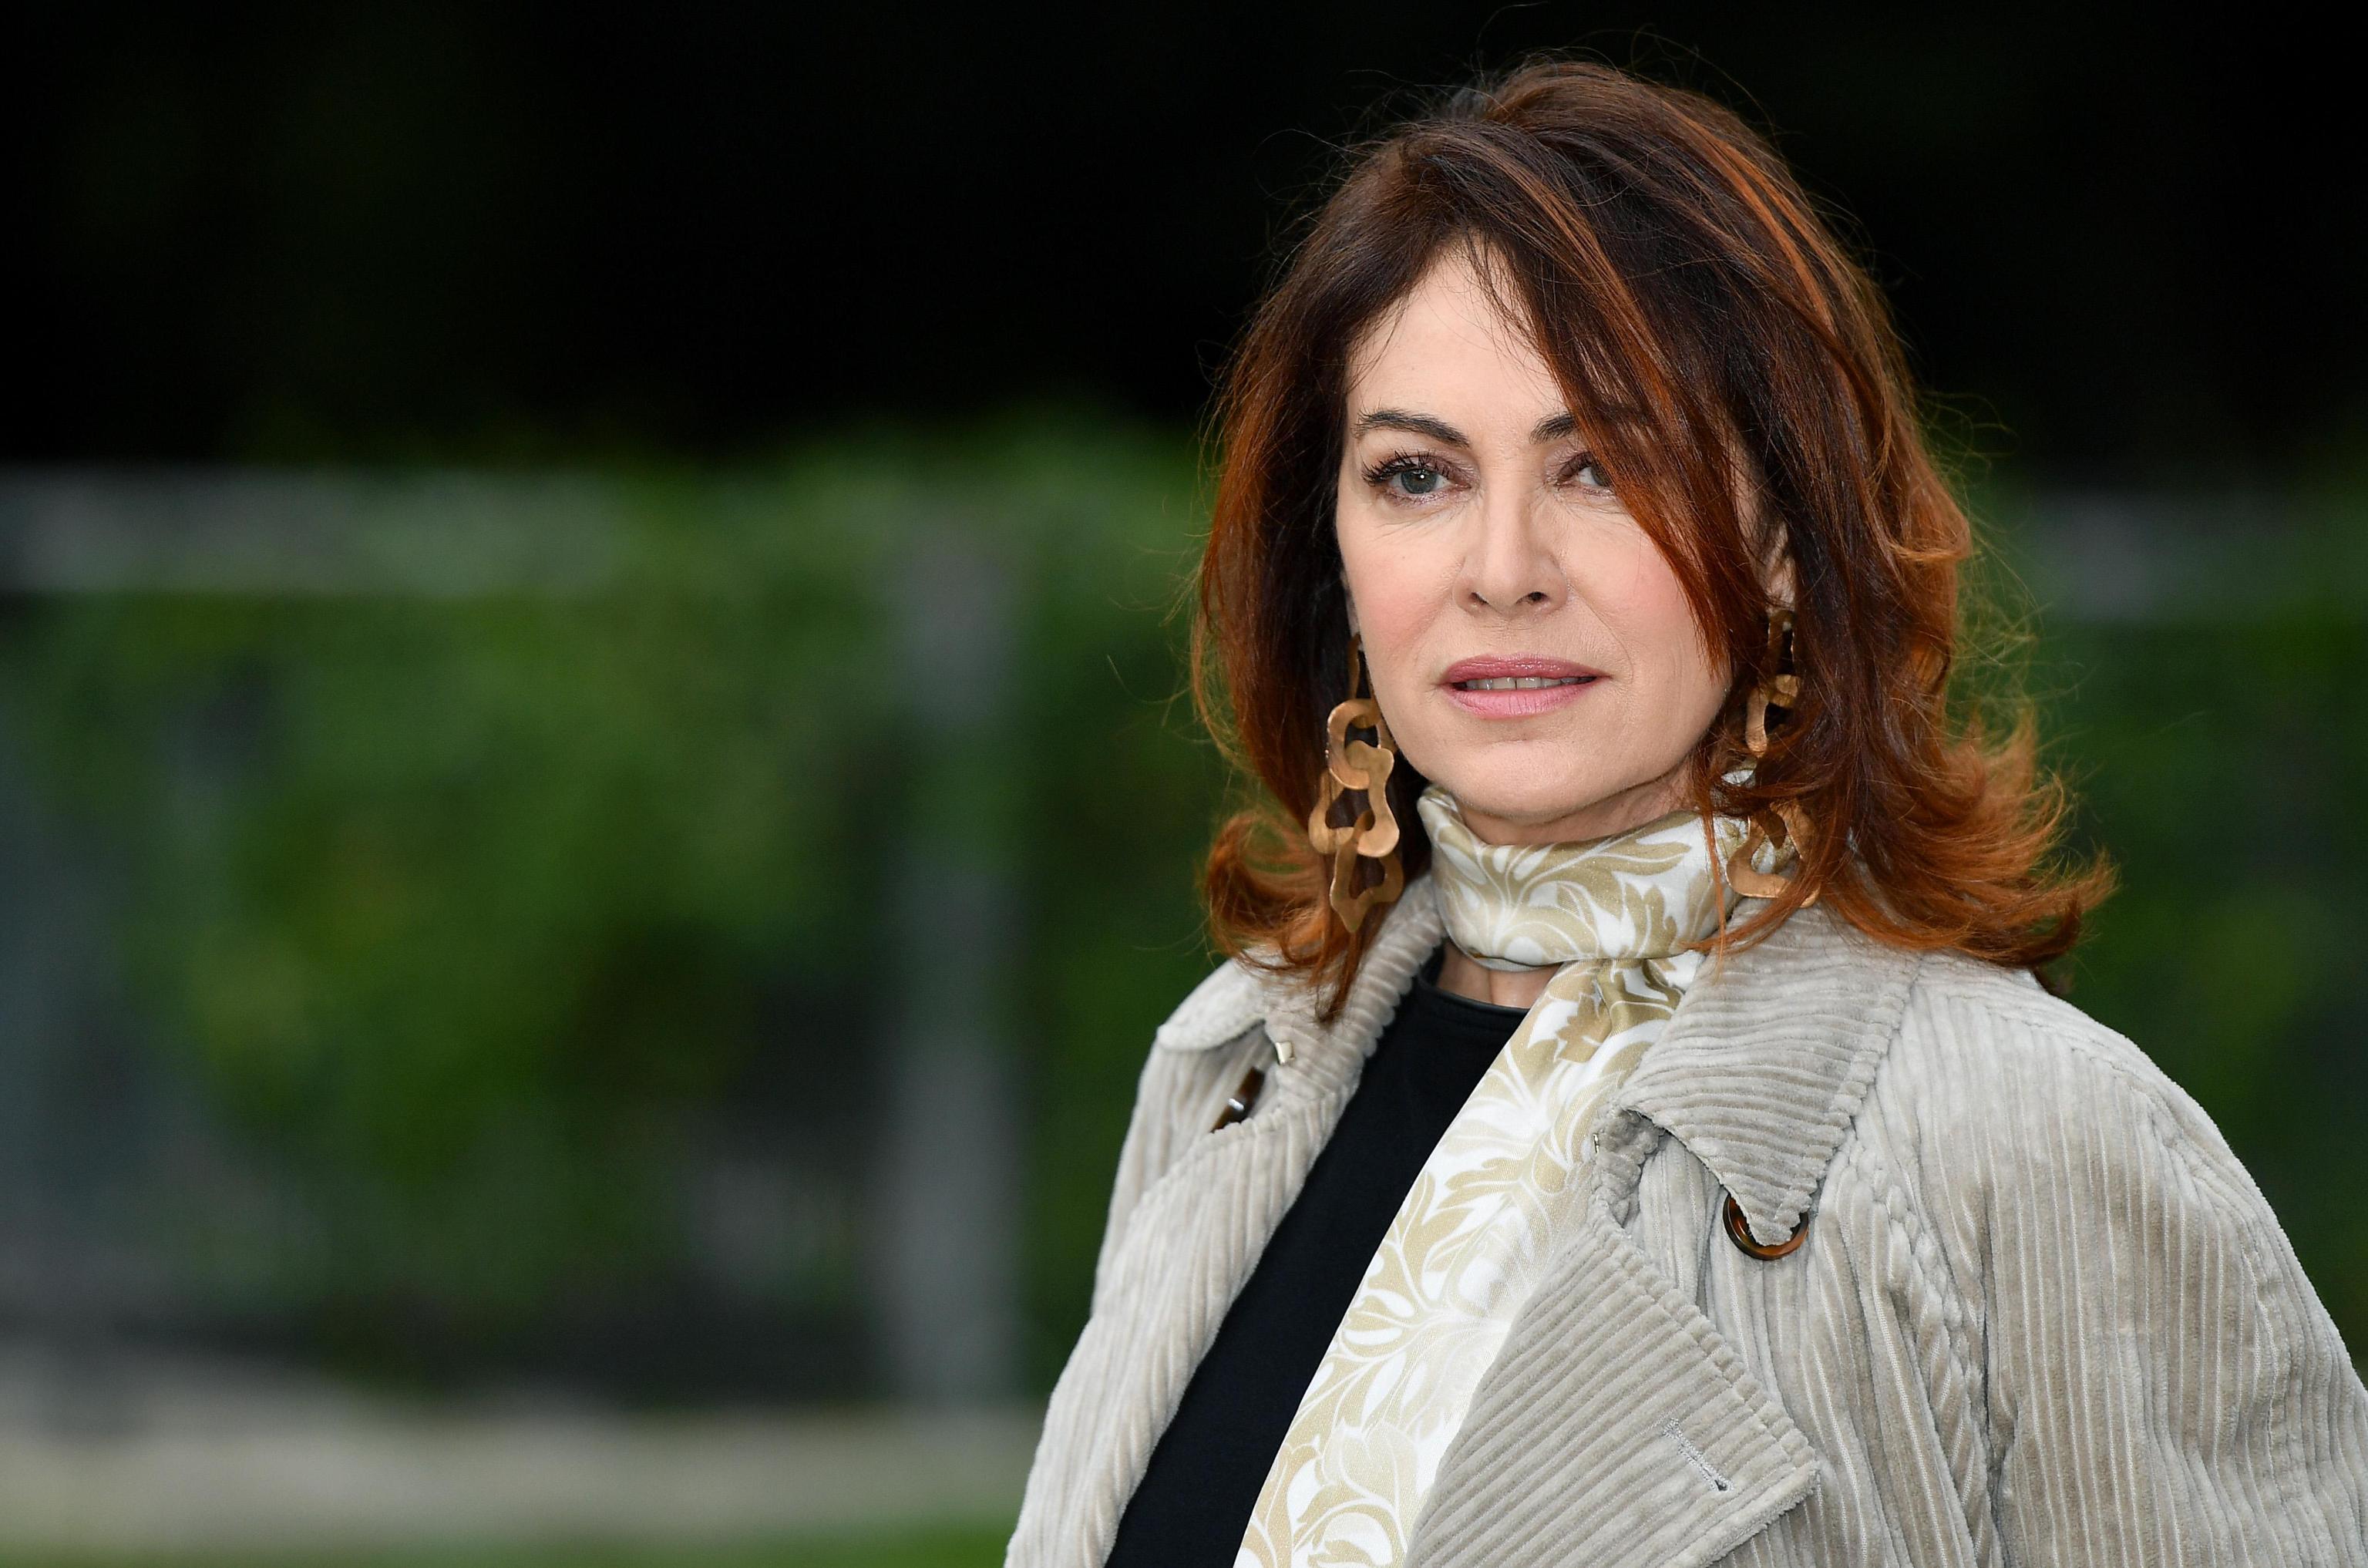 Elena Sofia Ricci: 'Abusata a 12 anni, lui era un amico di famiglia'